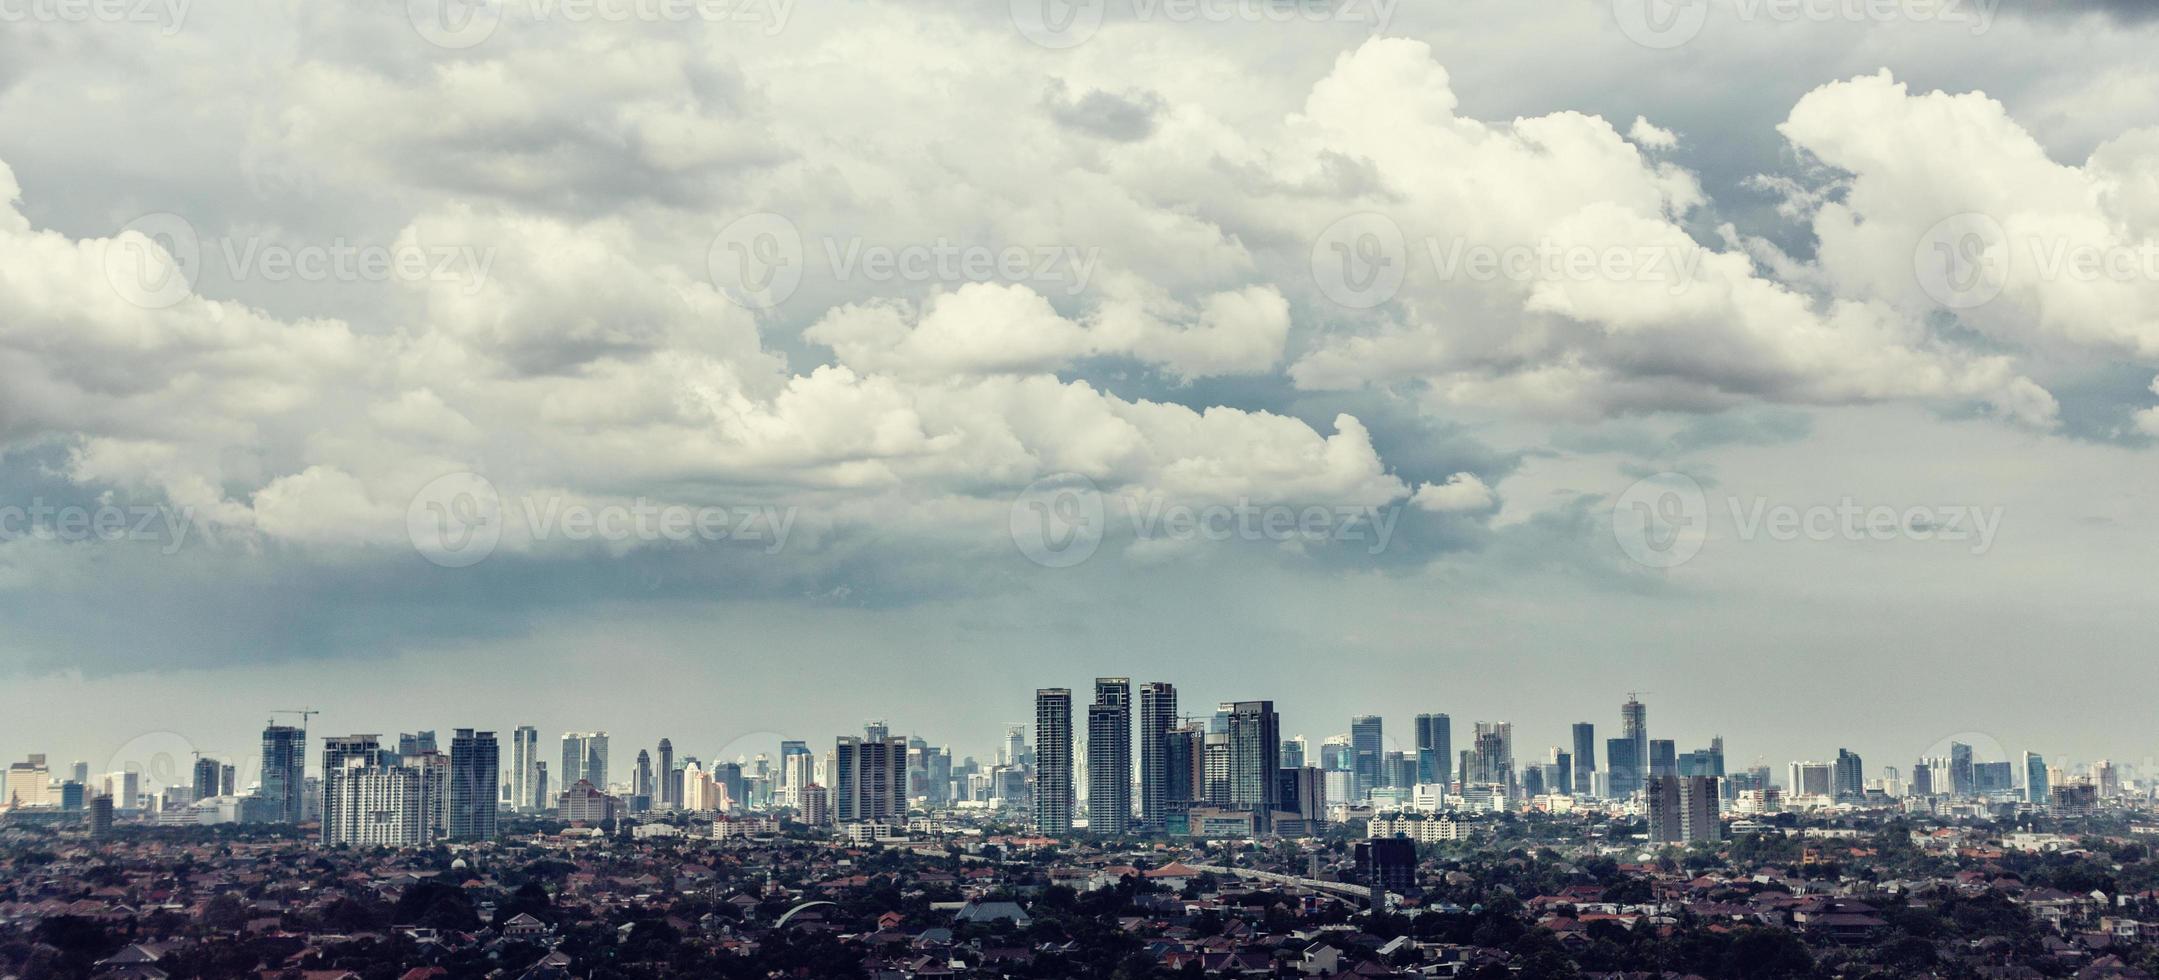 vista da cidade de Jacarta com kampung em primeiro plano foto